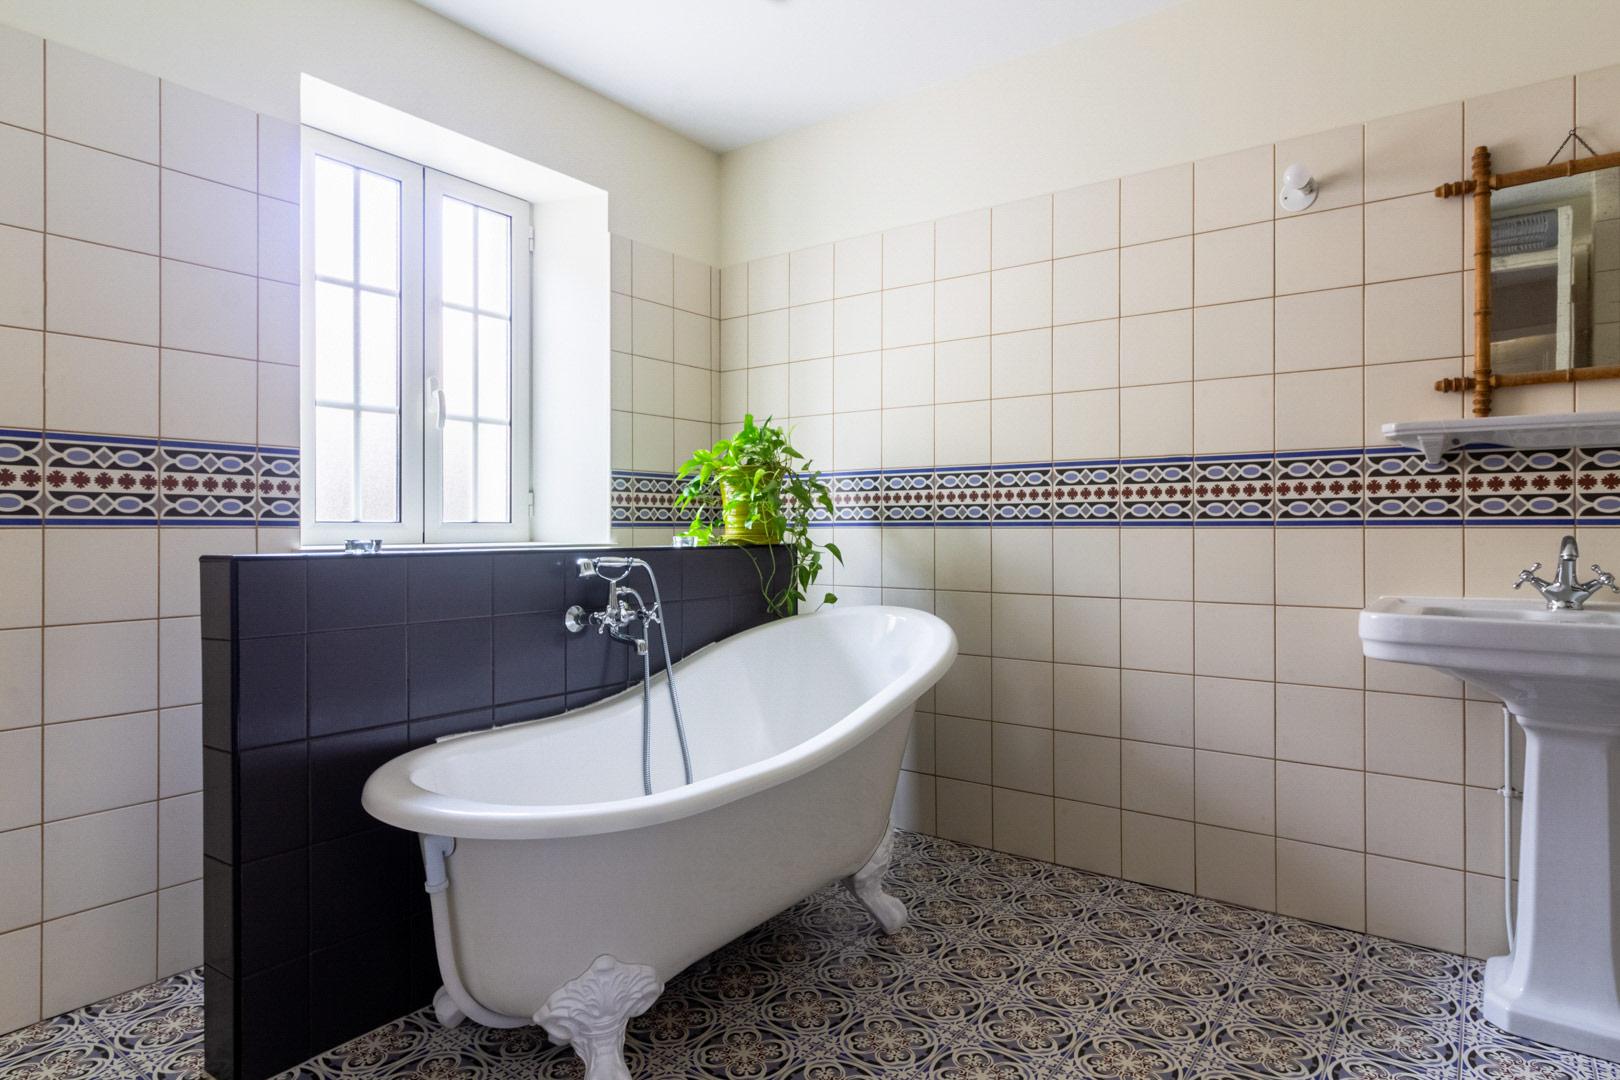 photographe-immobilier-photographe lourdes-tarbes-pau-airbnb-trivago-square-louer-acheter-vendre